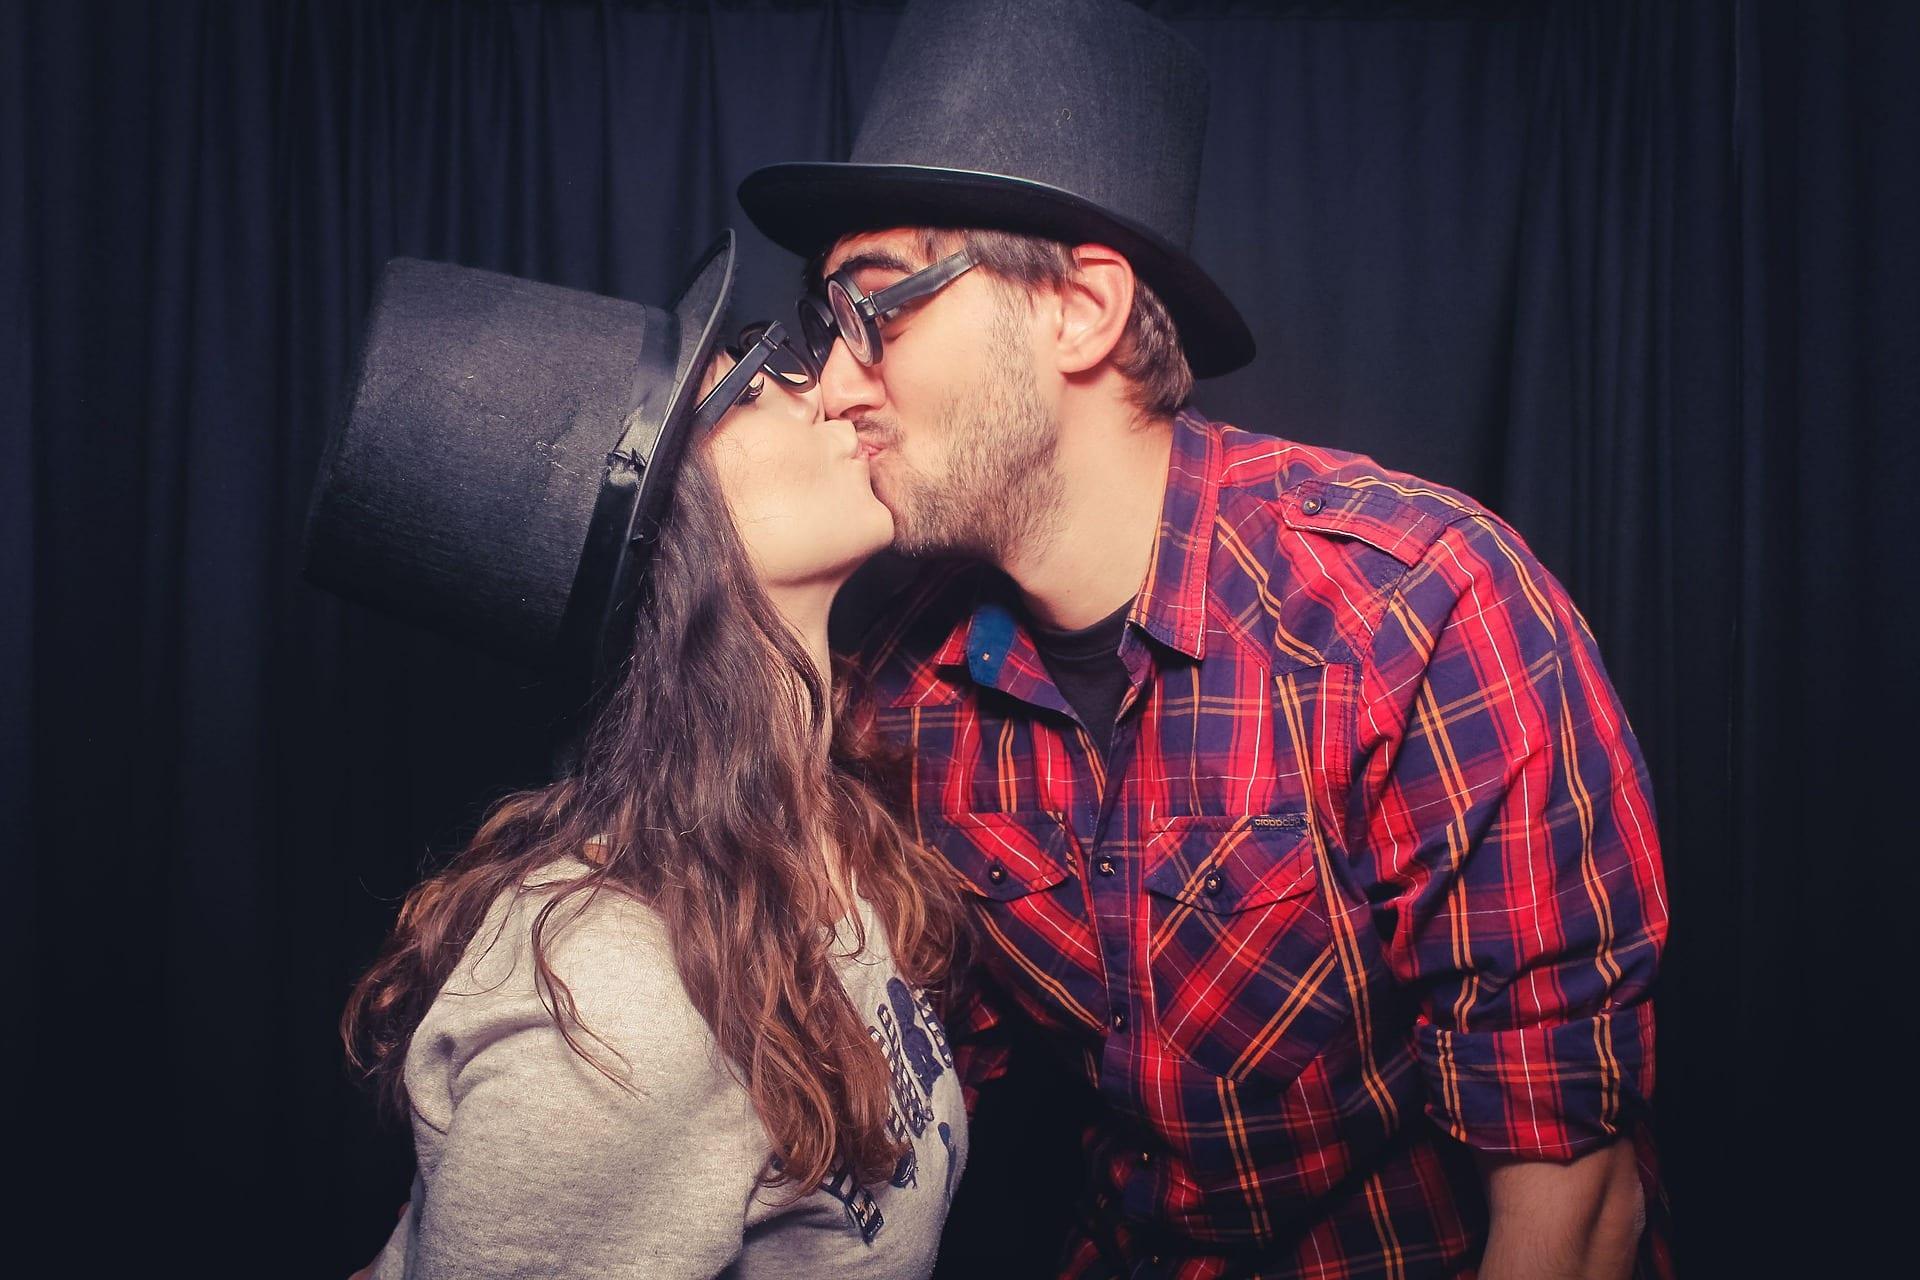 importancia beijo sexo - A importância do beijo